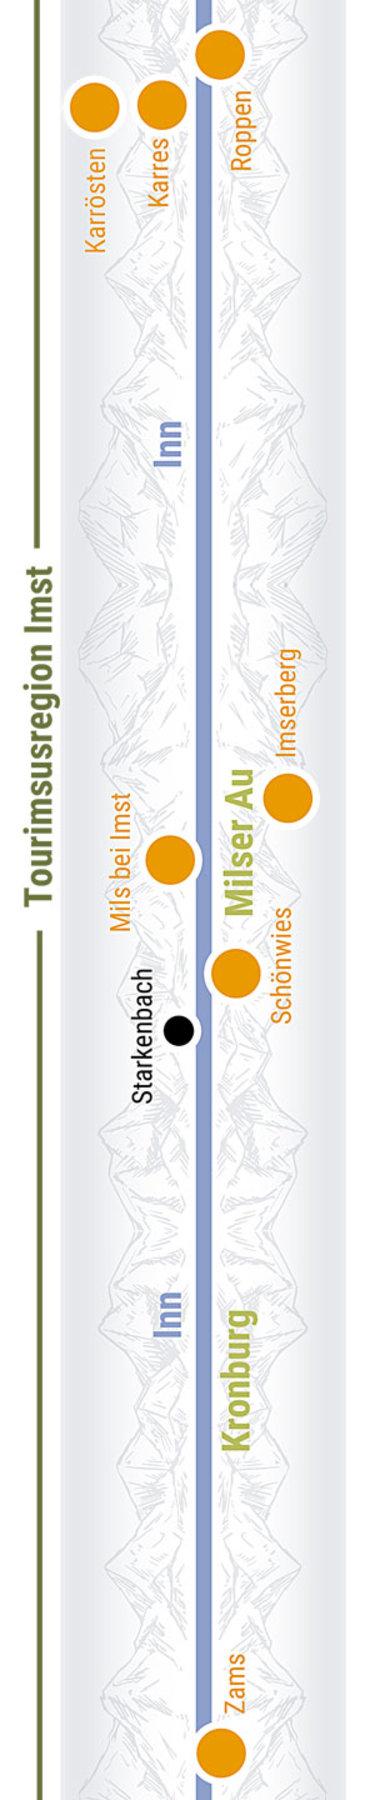 Übersichtskarte rechts Teilabschnitt 17 Mils, Schönwies